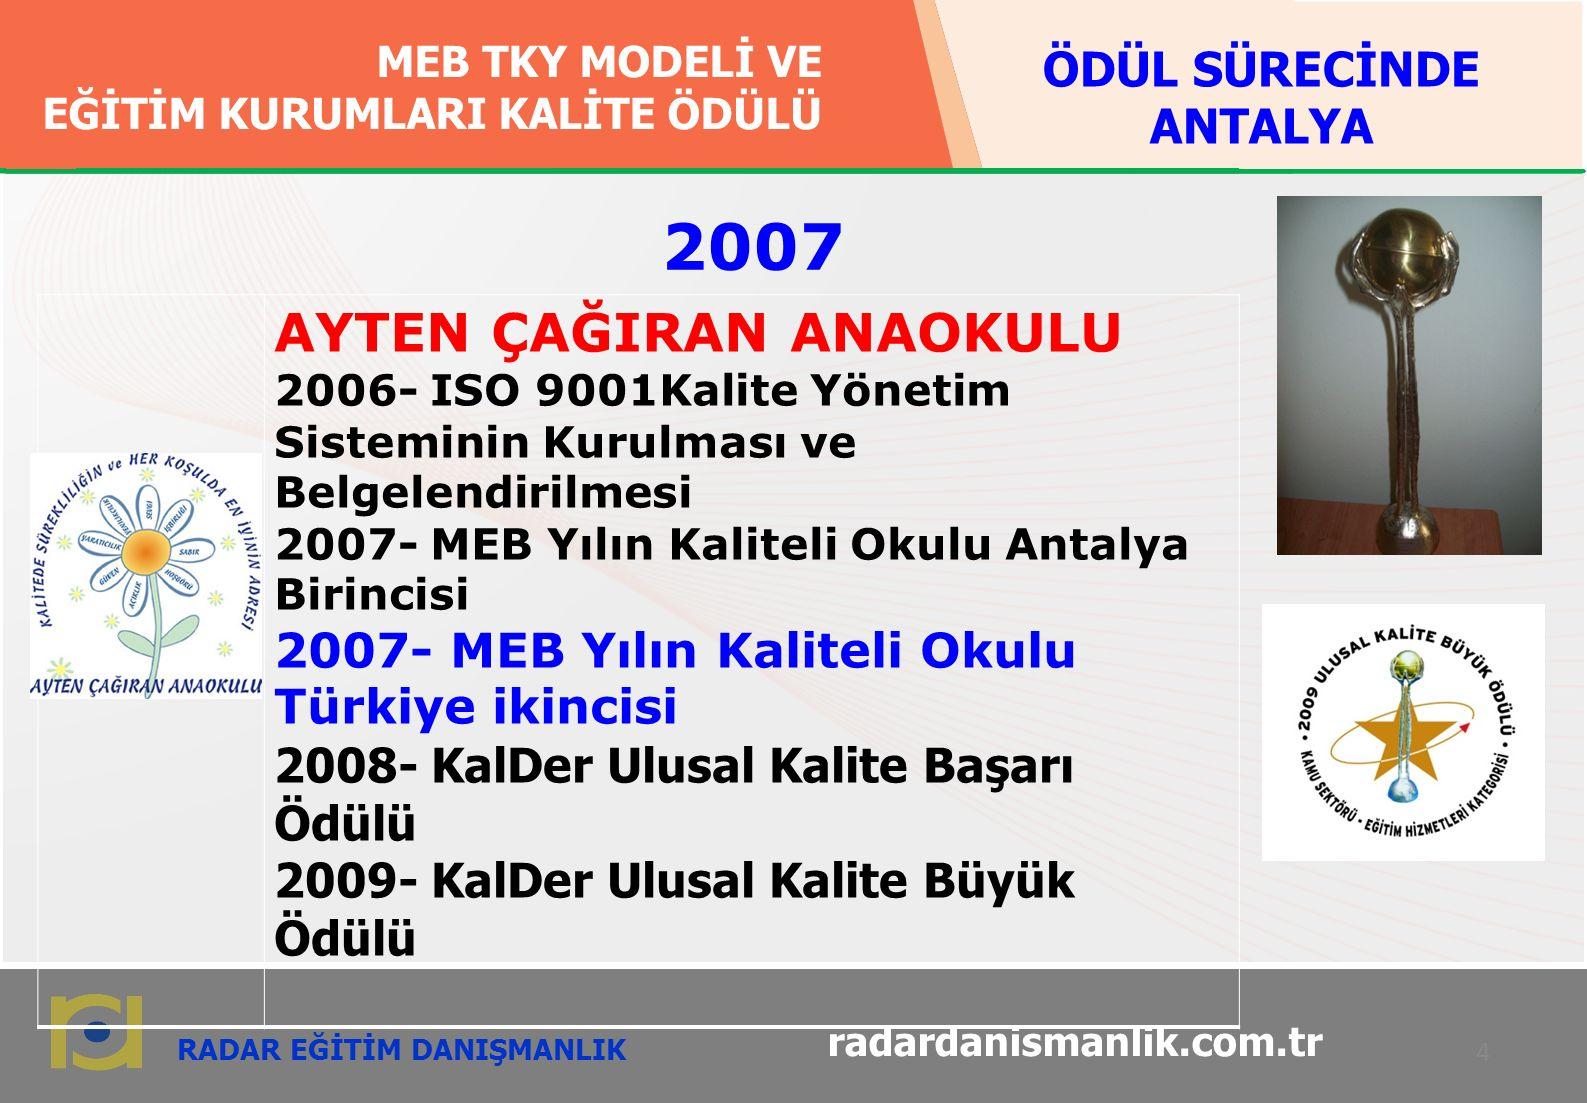 RADAR EĞİTİM DANIŞMANLIK MEB TKY MODELİ VE EĞİTİM KURUMLARI KALİTE ÖDÜLÜ MEB TKY MODELİ VE EĞİTİM KURUMLARI KALİTE ÖDÜLÜ ÖDÜL SÜRECİNDE ANTALYA 4 radardanismanlik.com.tr AYTEN ÇAĞIRAN ANAOKULU 2006- ISO 9001Kalite Yönetim Sisteminin Kurulması ve Belgelendirilmesi 2007- MEB Yılın Kaliteli Okulu Antalya Birincisi 2007- MEB Yılın Kaliteli Okulu Türkiye ikincisi 2008- KalDer Ulusal Kalite Başarı Ödülü 2009- KalDer Ulusal Kalite Büyük Ödülü 2007